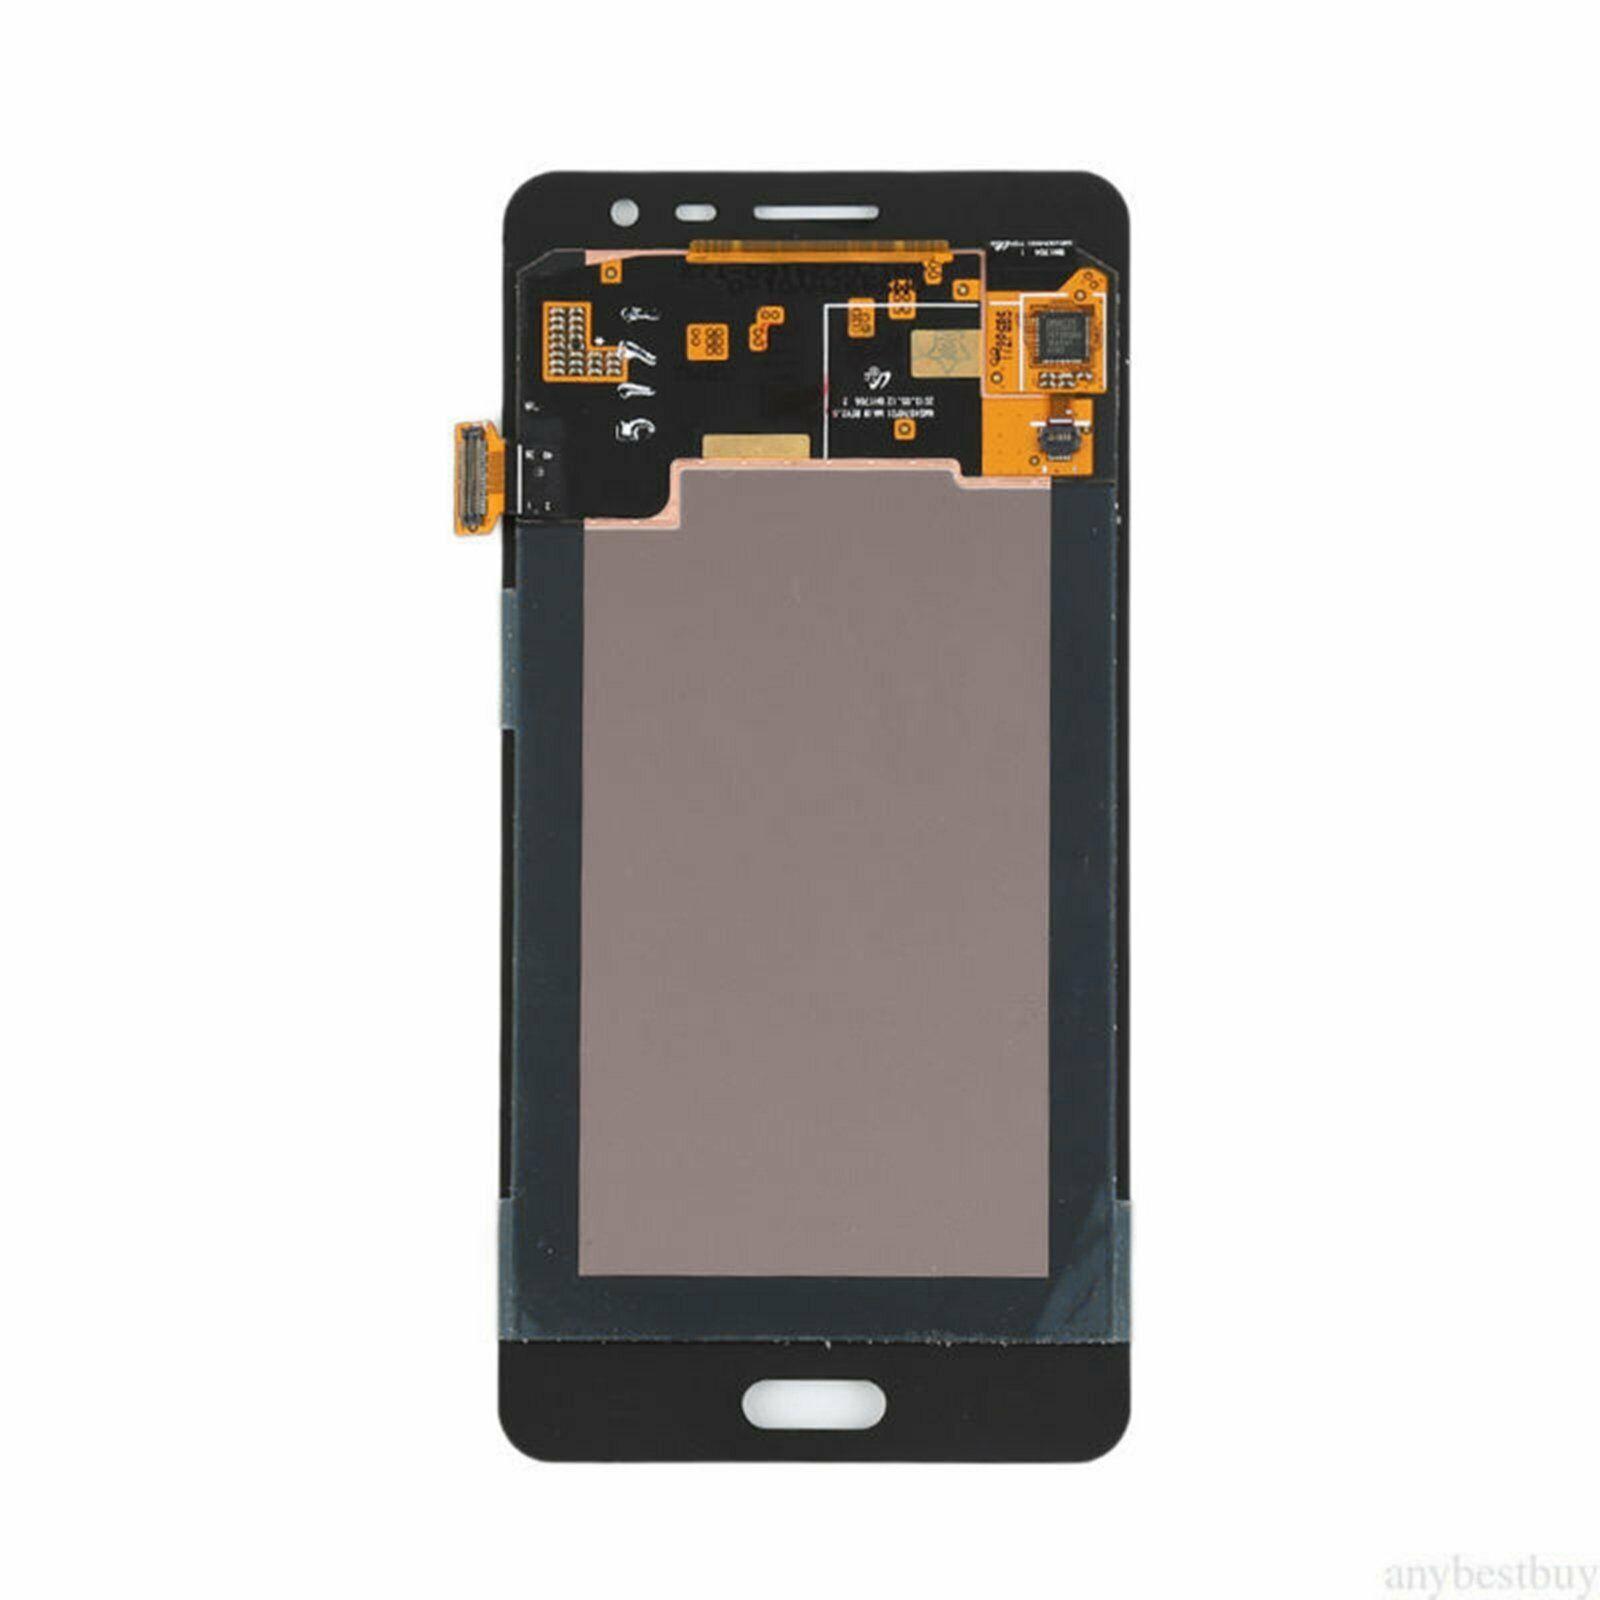 ال-سی-دی-تی-اف-تی-TFT-سامسونگ-گلکسی-جی-تری-پرو-Samsung-SM-J3110F-Galaxy-J3-Pro....jpg